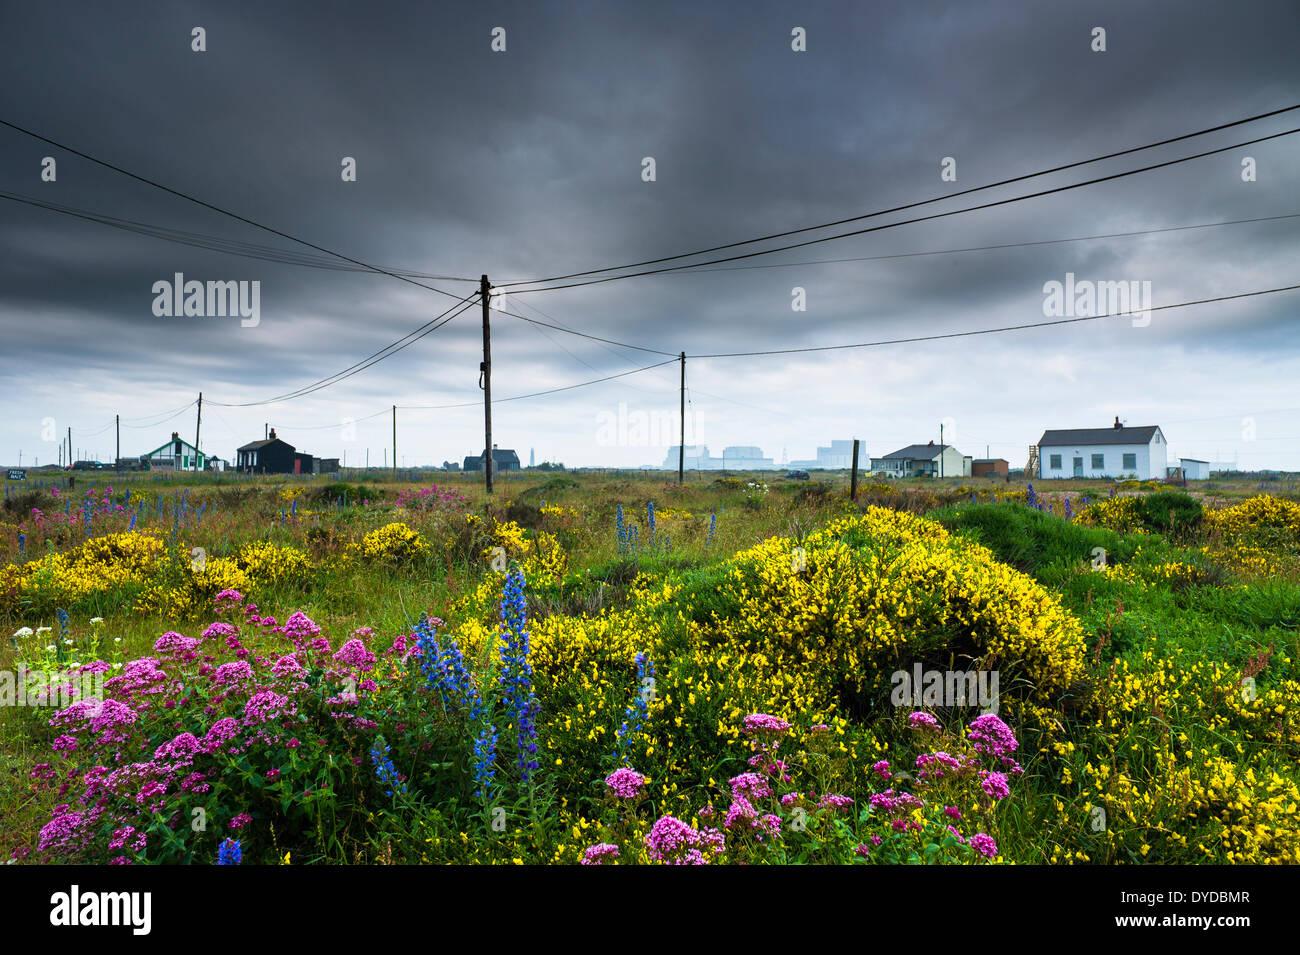 Ealry vista la mattina di Dungeness con la sua dispersione di edifici in legno e pali del telefono. Immagini Stock